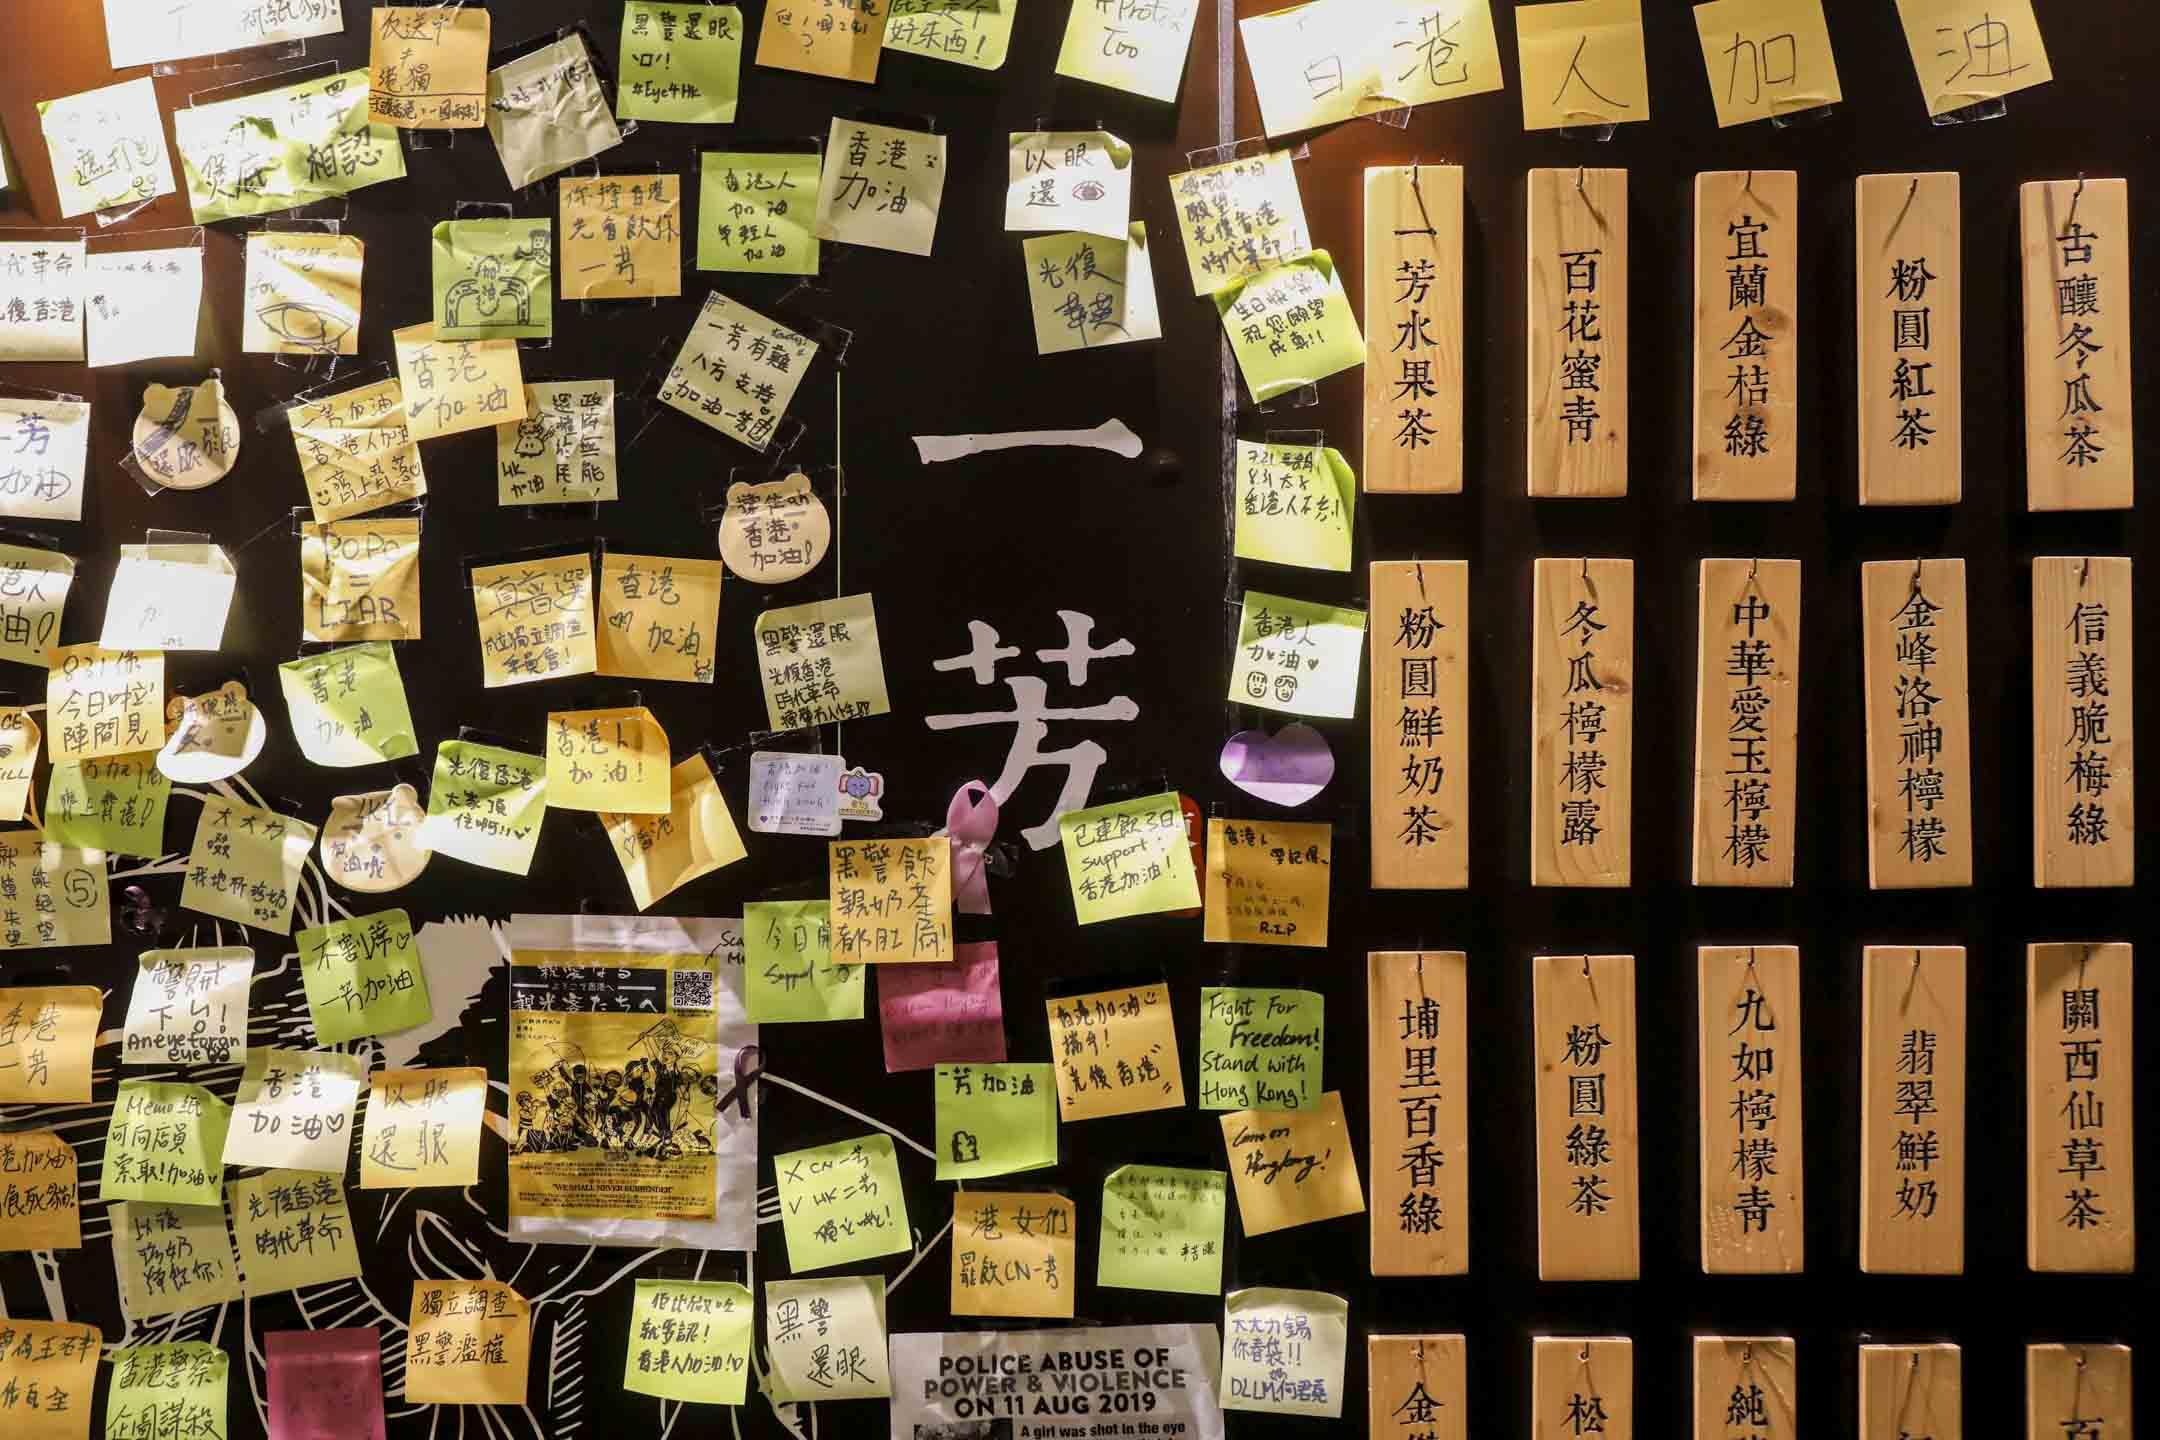 2019年9月3日,旺角朗豪坊,一芳台湾水果茶門市中的連儂牆。 攝:陳焯煇/端傳媒